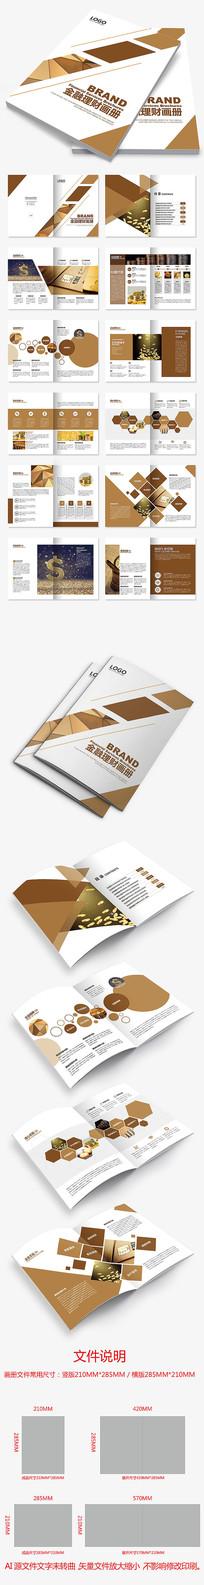 金色金融理财银行保险贷款企业画册设计